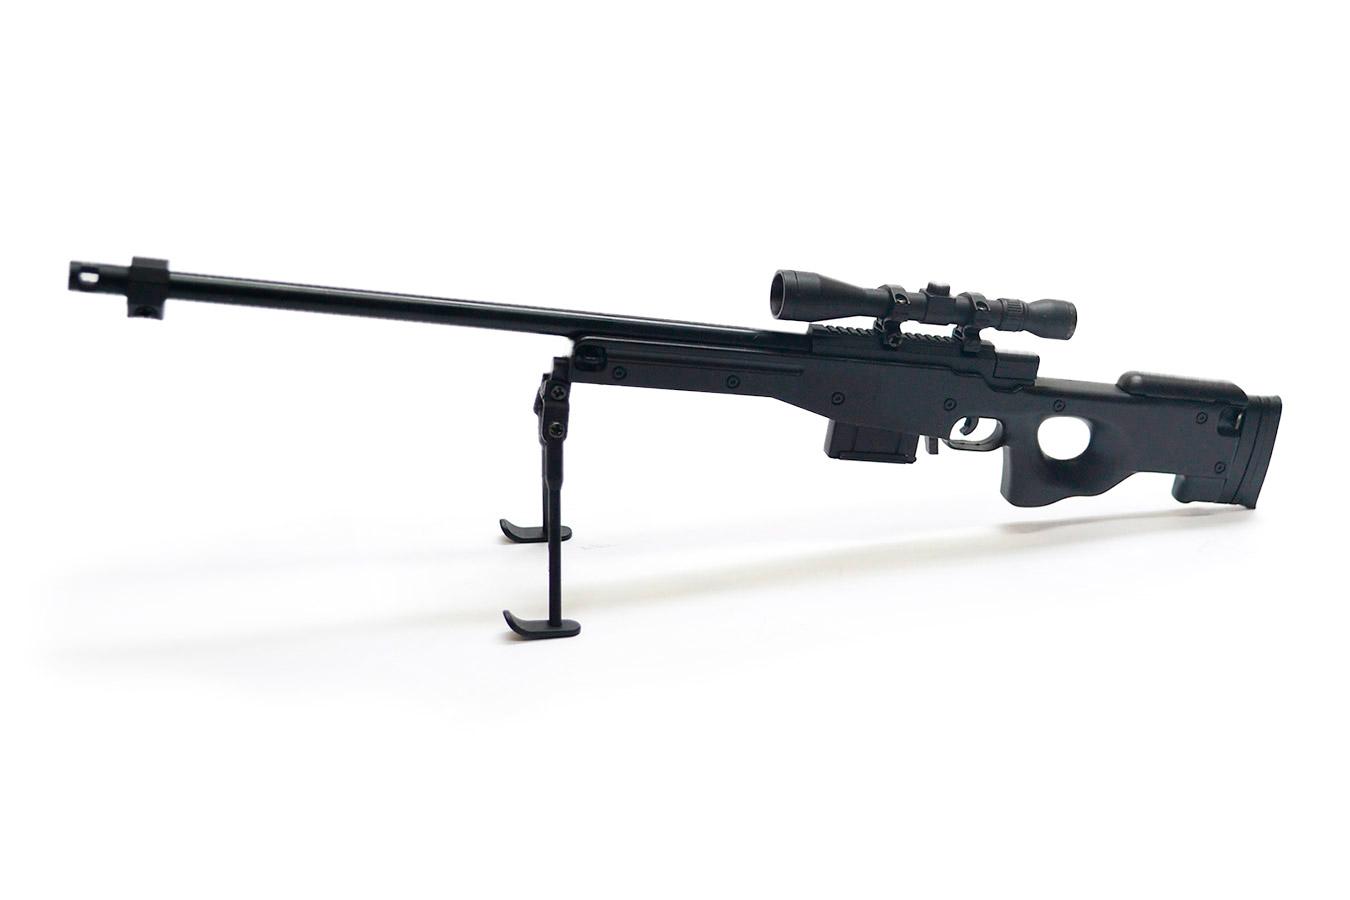 magnum sniper awp - HD1350×900